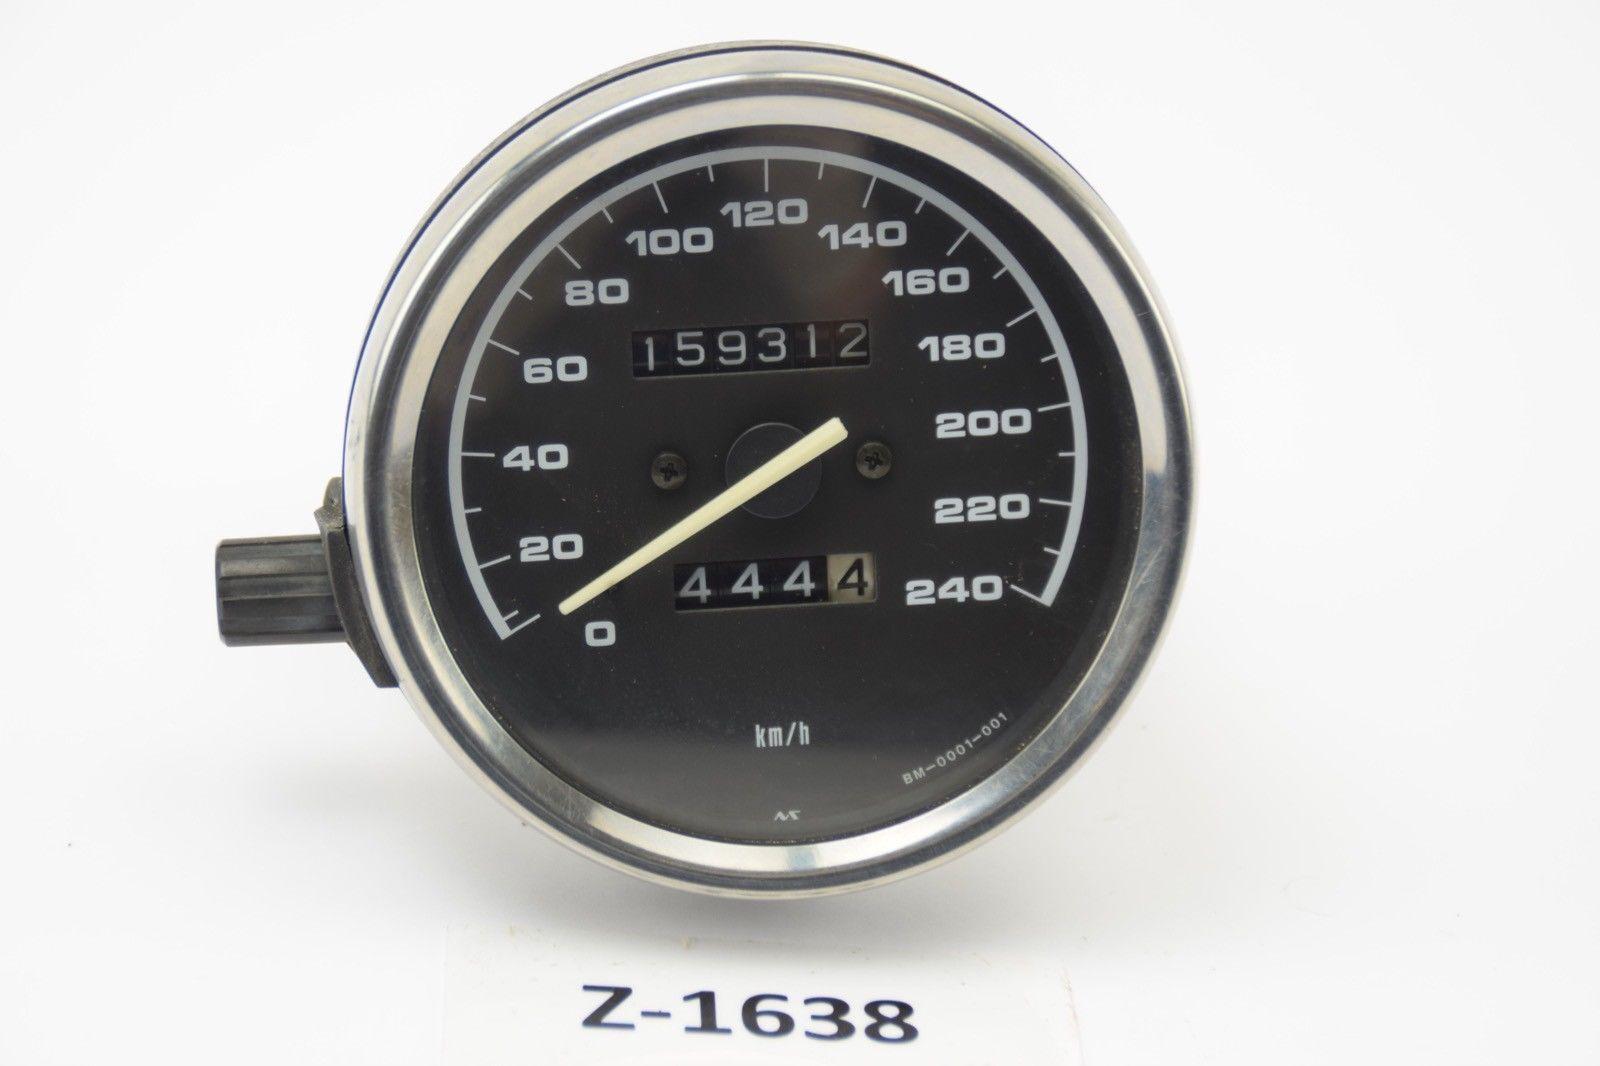 Bmw r 850 rt 259 bj.1998 - compteur de vitesse